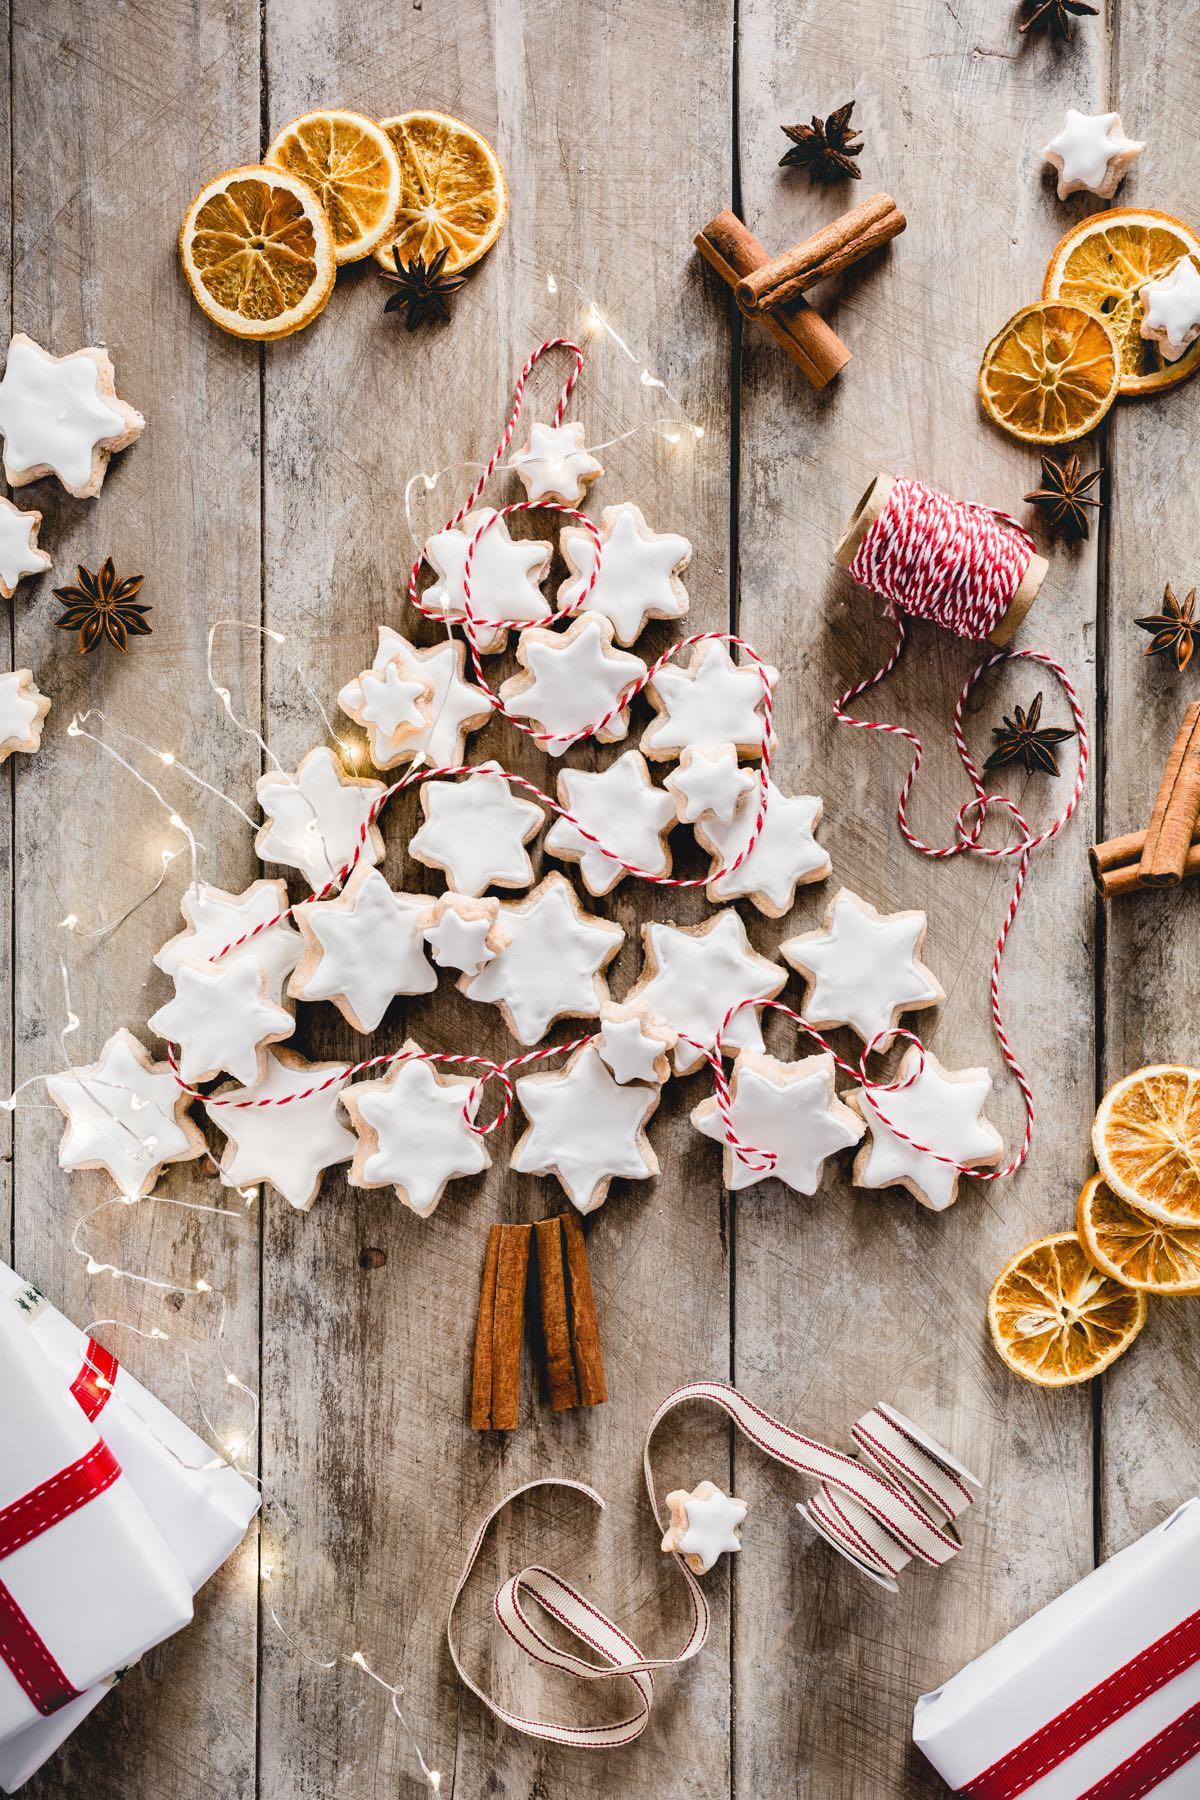 Biscotti Di Natale Zimtsterne.Zimtsterne I Biscotti Di Natale Alla Cannella Biscotti Natalizi